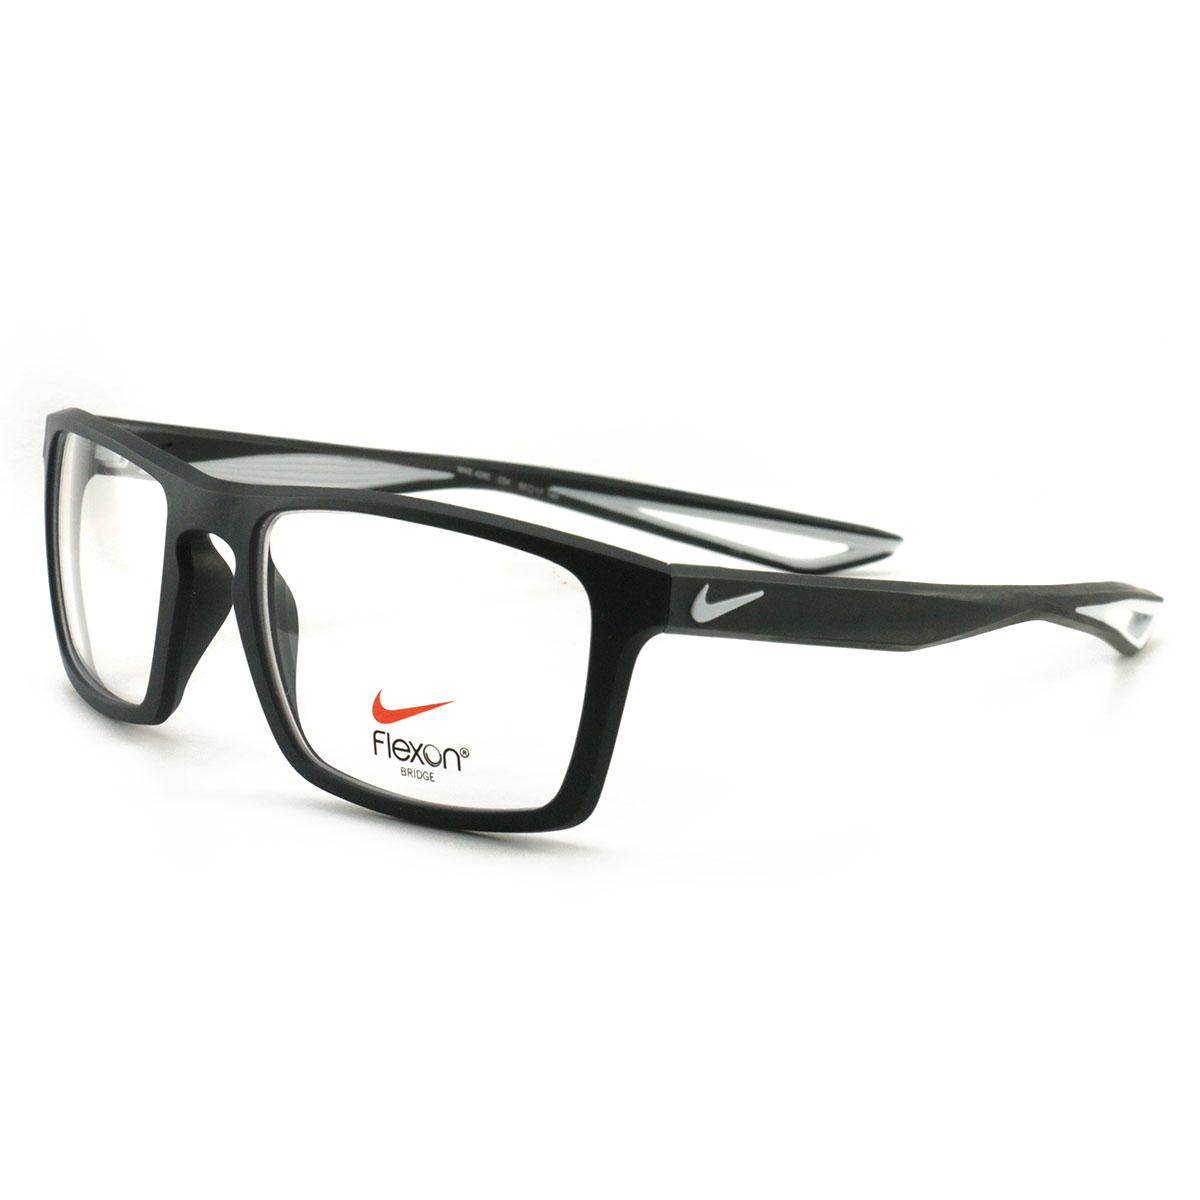 4ded903306395 Nike Men's Eyeglasses EV4280 034 Obsidian 53 17 140 Demo Lens ...